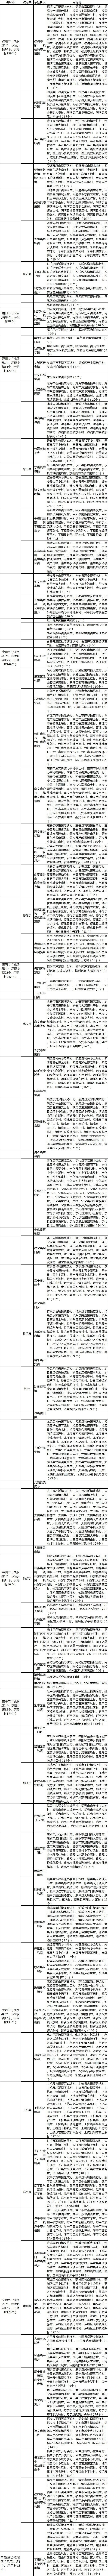 福建省级乡村治理试点示范单位名